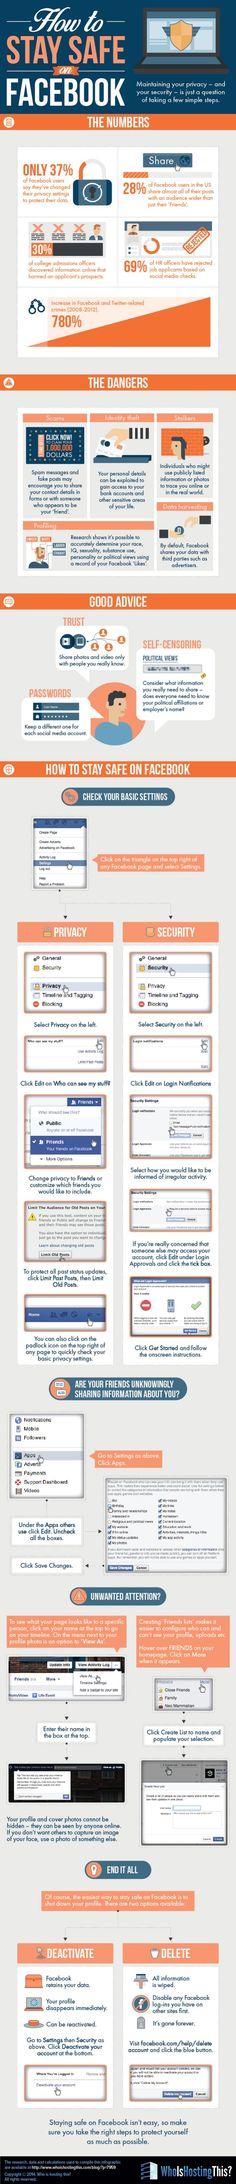 Hola: Una infografía sobre Cómo estar seguro en FaceBook. Vía Un saludo